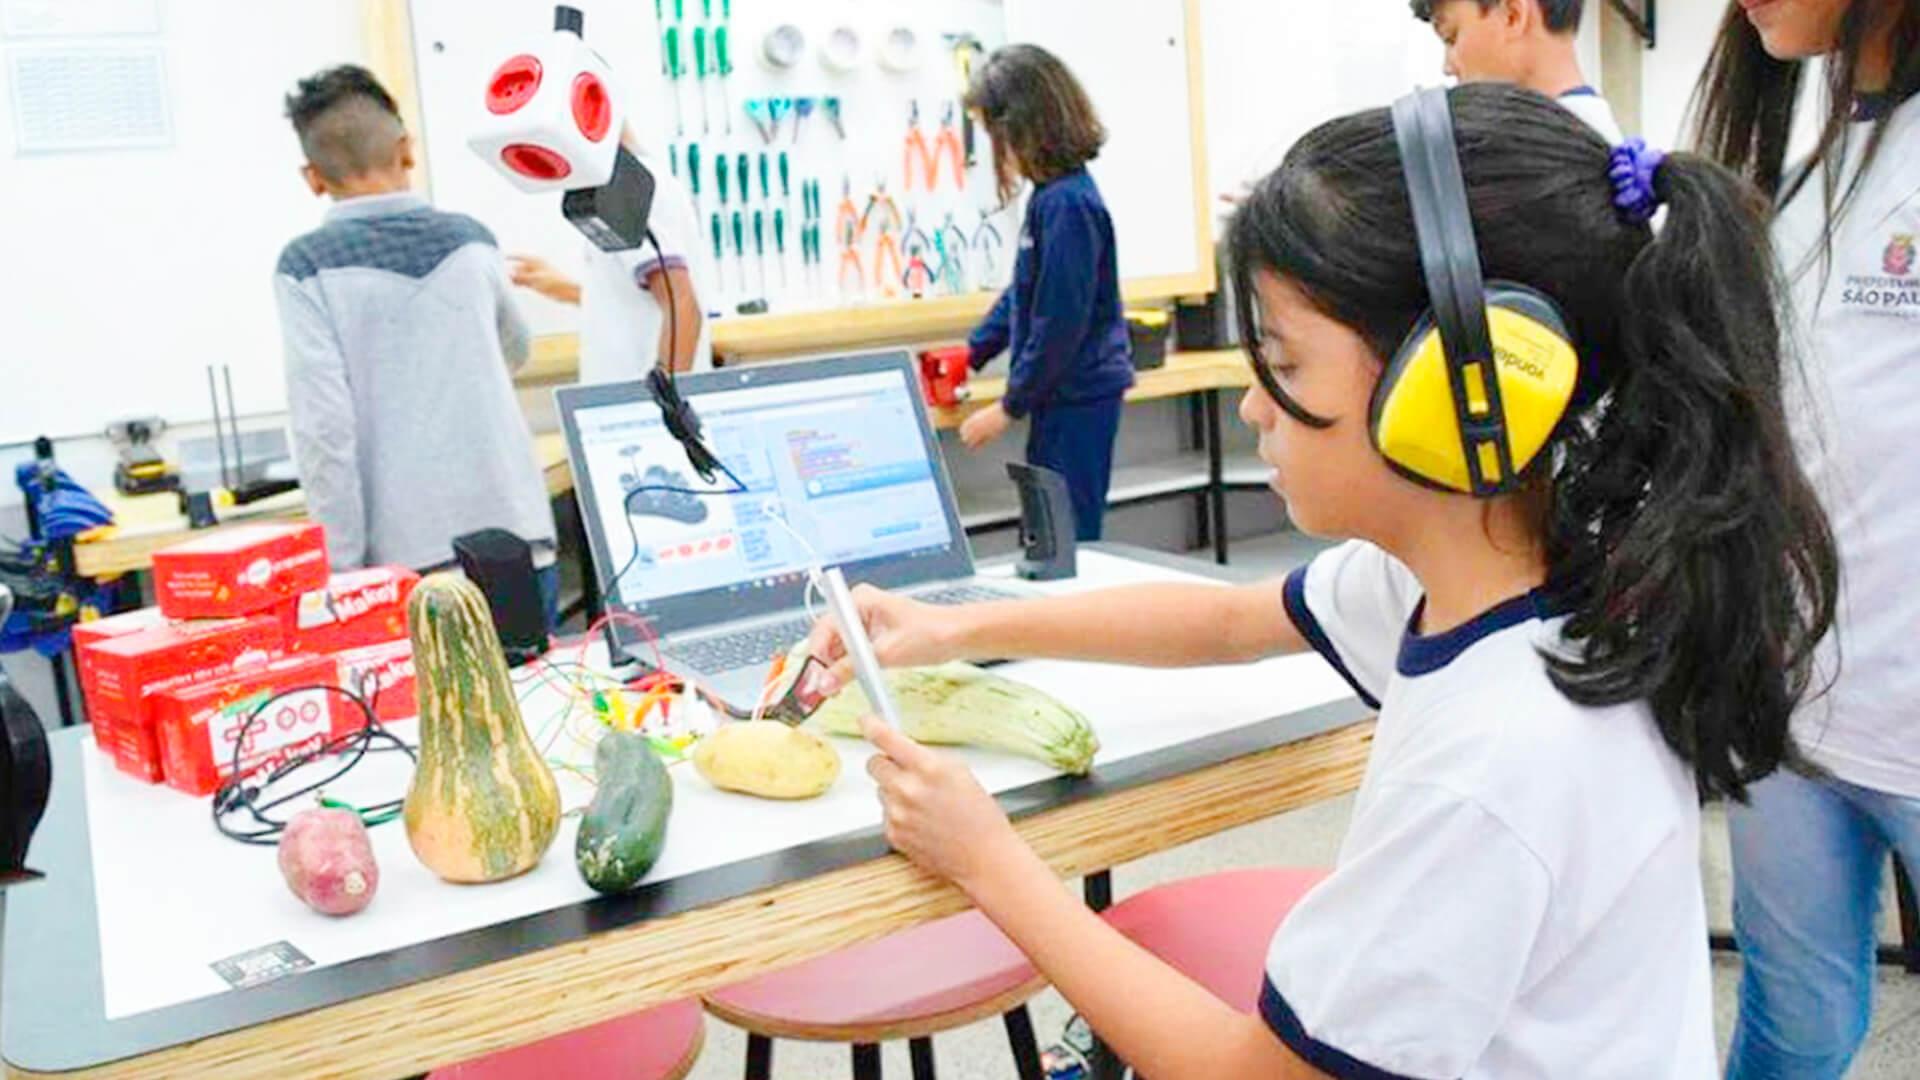 Laboratórios de Educação Digital em São Paulo